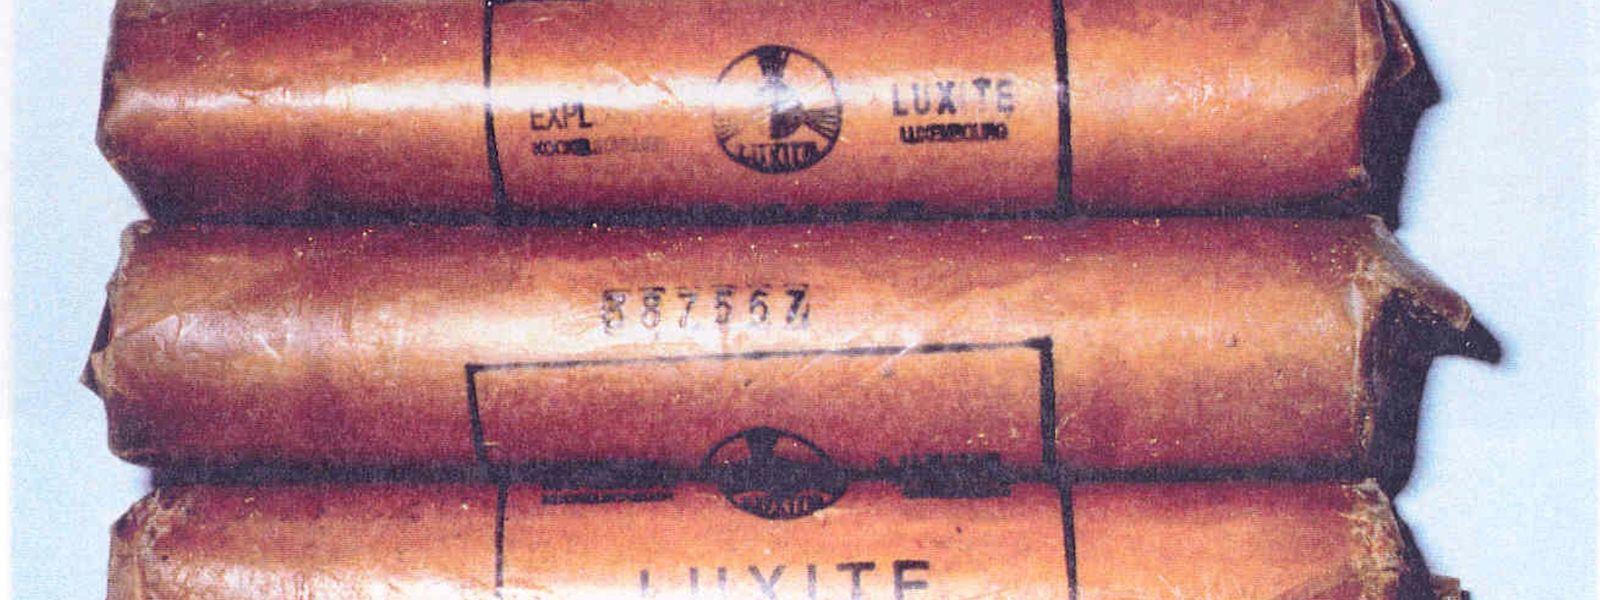 Bei den Attentaten setzten die Bommeleeër Industriesprengstoff aus Luxemburger Produktion ein.